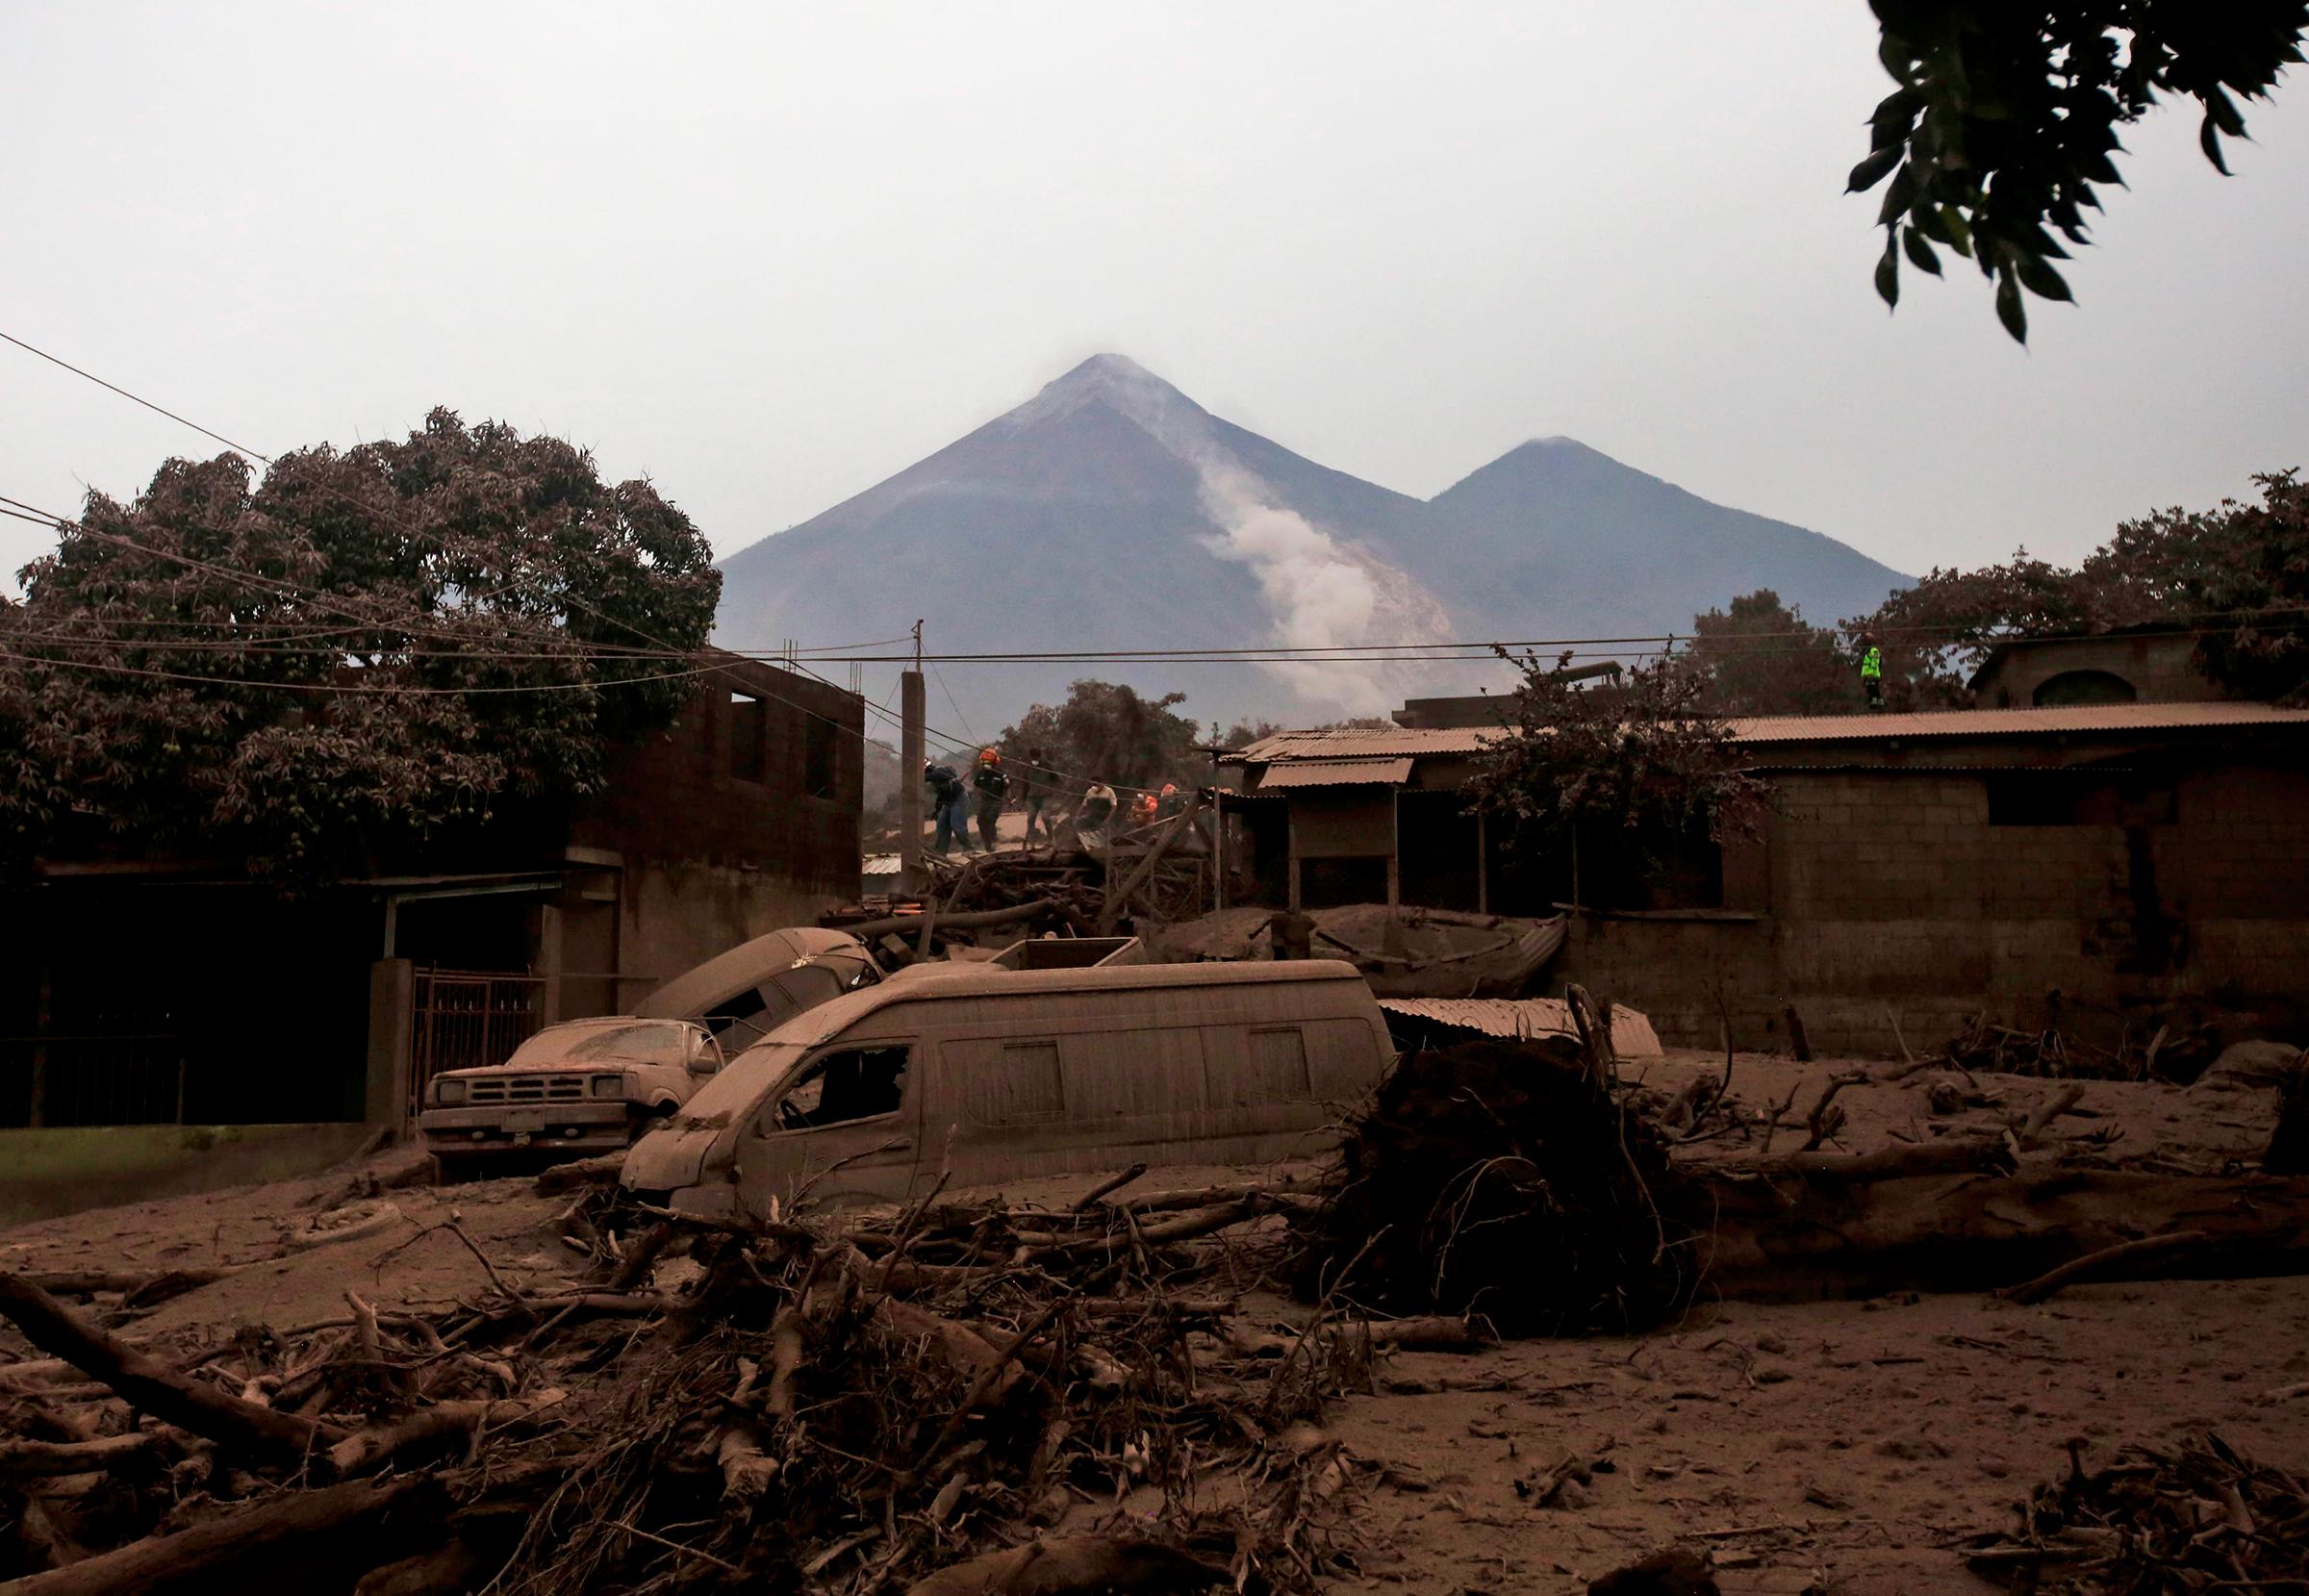 От извержения пострадалиодин из крупнейших промышленных центров страныгород Эскуинтла и находящиеся рядом с ним населенные пунктыРодео, Алотенанго и Сан-Мигель-лос-Лотес